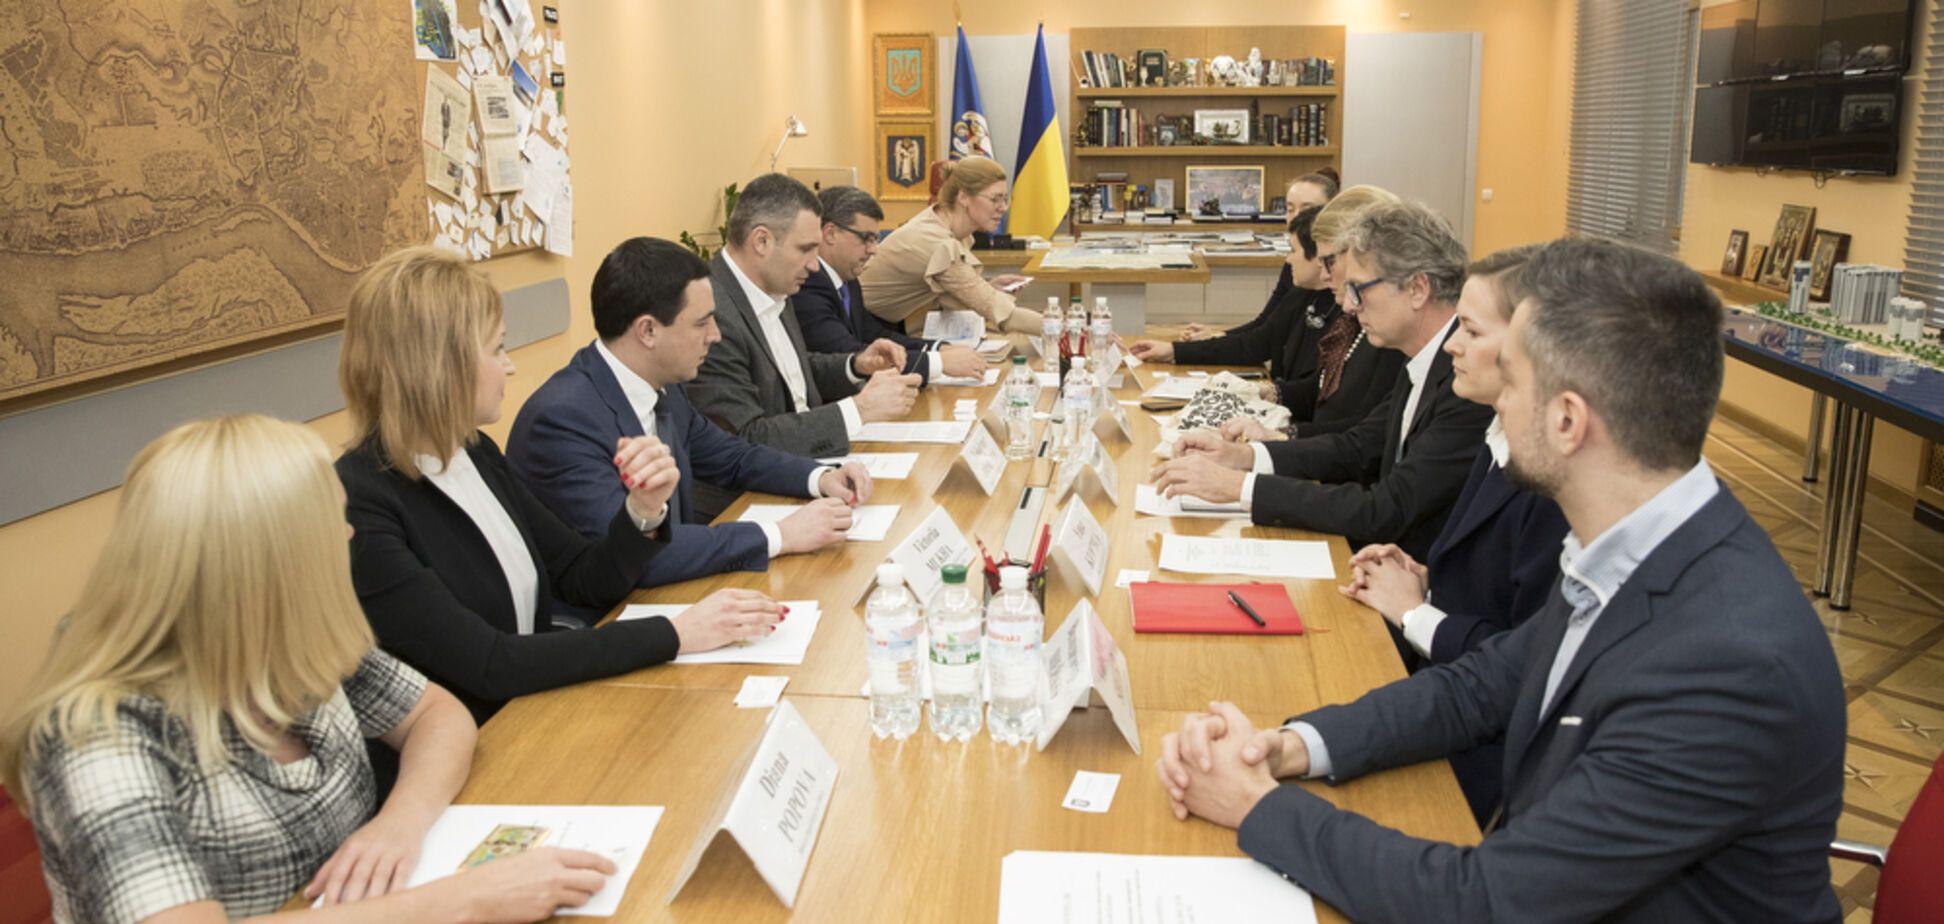 Кличко: одне з наступних бієнале MANIFESTA має пройти у Києві